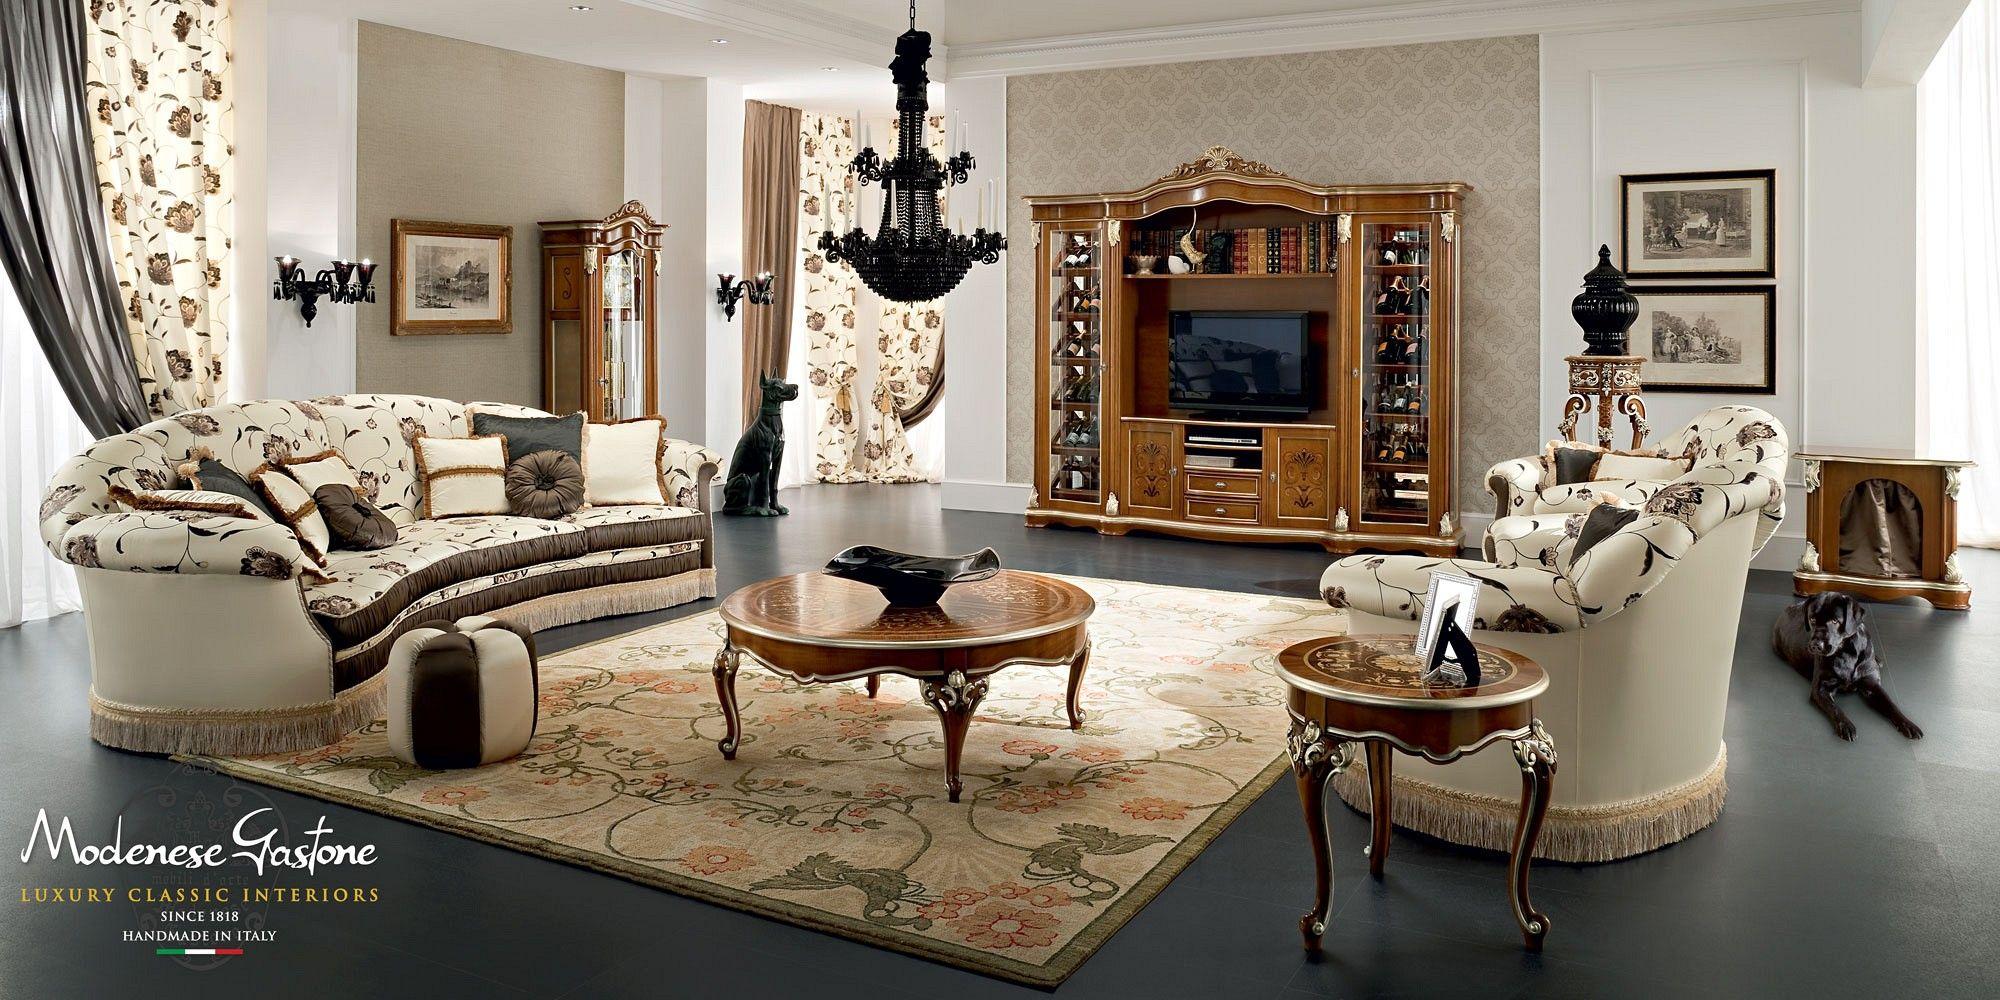 Salotto in stile country con divani e poltrone imbottite e decorate ...